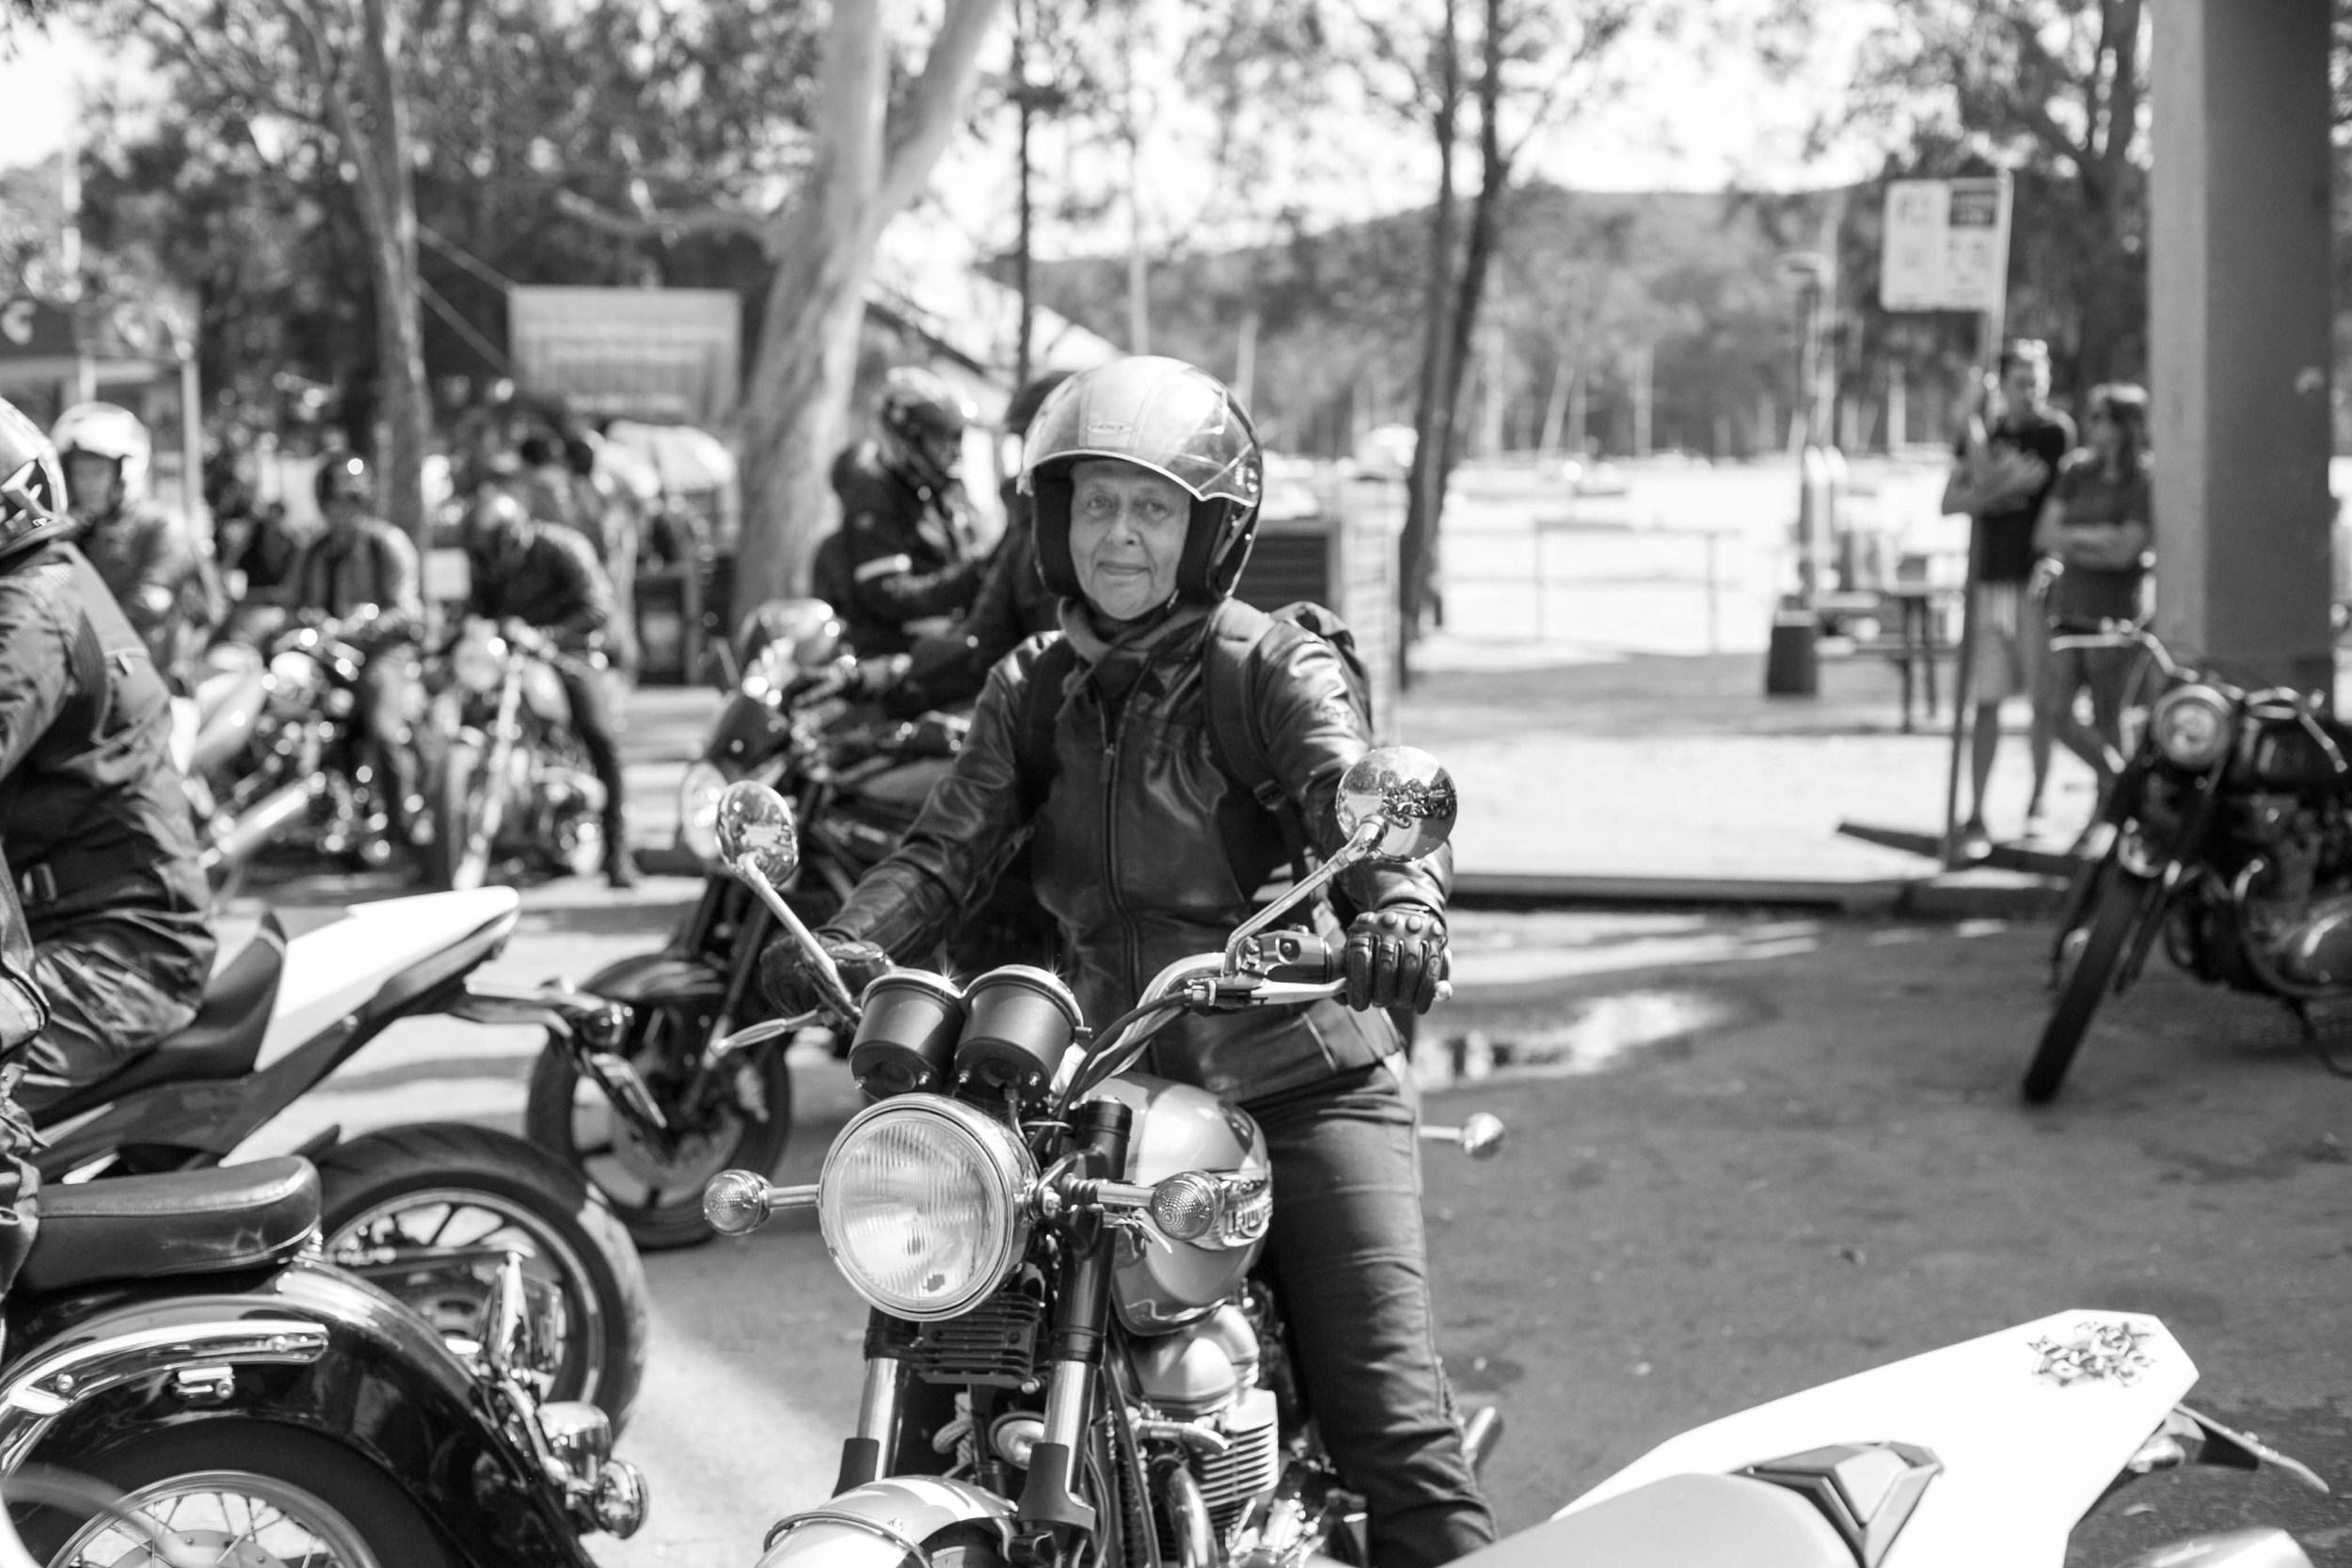 in_venus_Veritas_throttle_dolls_ride-39.jpg